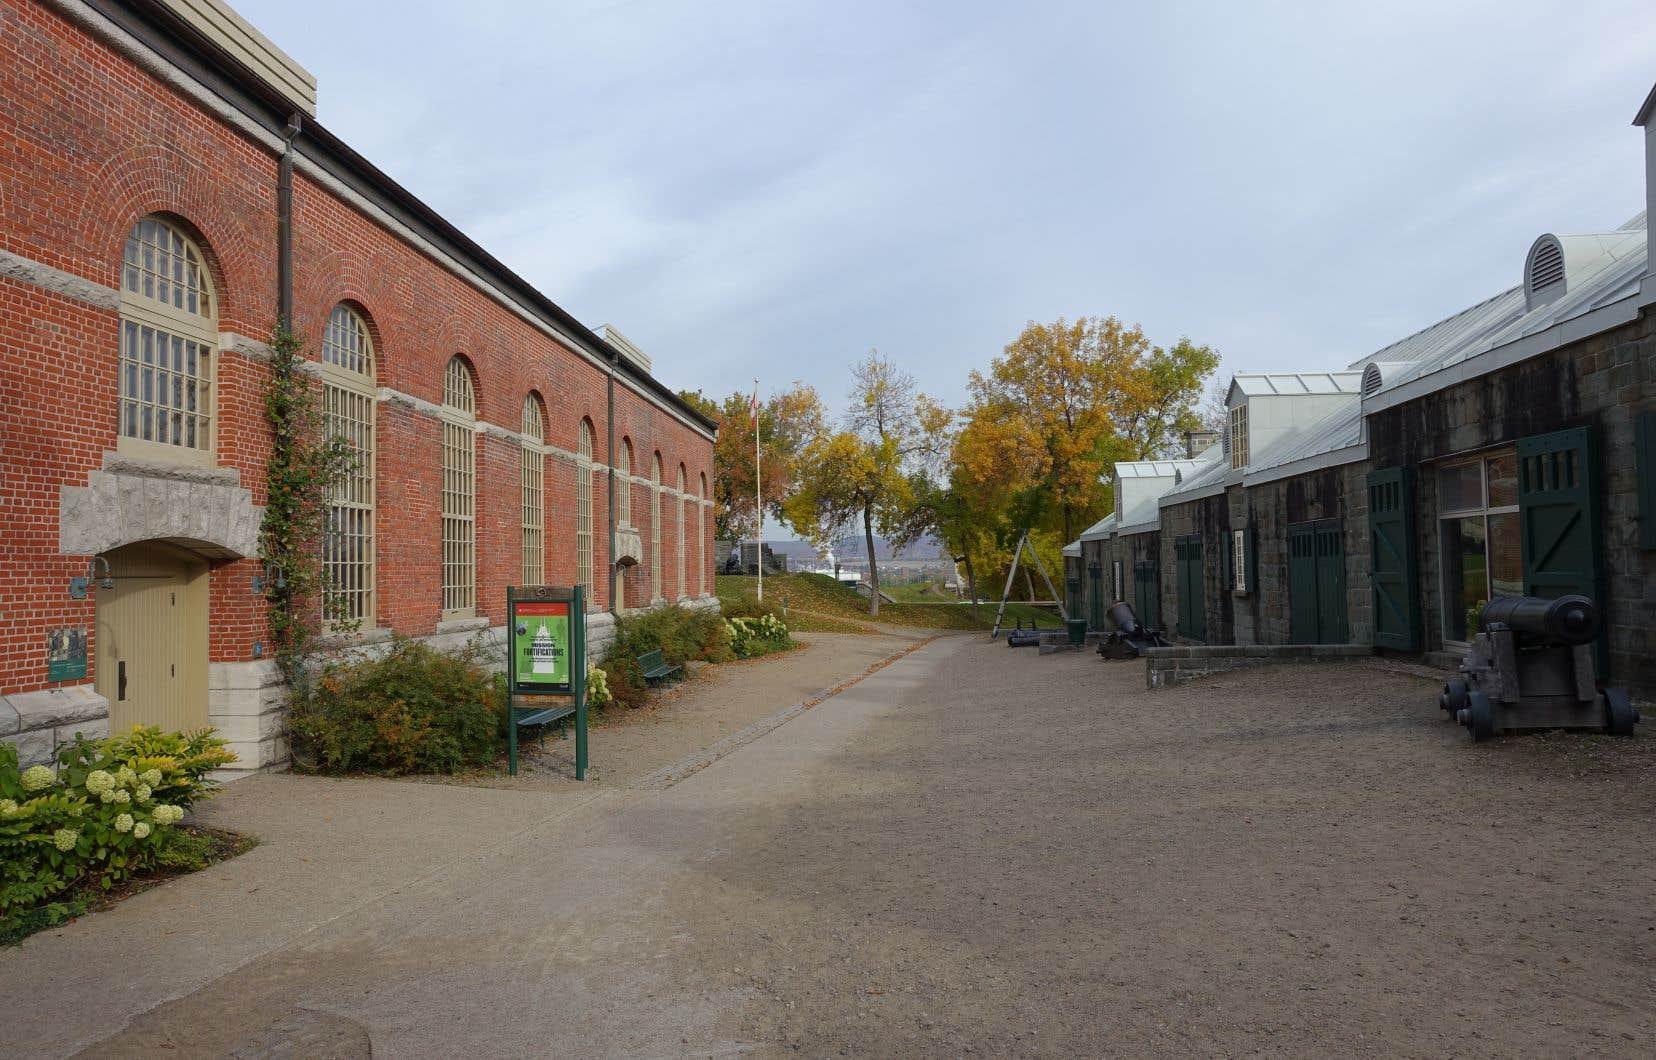 À Québec, un projet de loger les artefacts archéologiques u cœur du Parc-de-l'Artillerie a suscité des discussions. Mais des échanges entamés avec le bureau de la ministre fédérale Catherine McKenna se sont révélés sans suite.